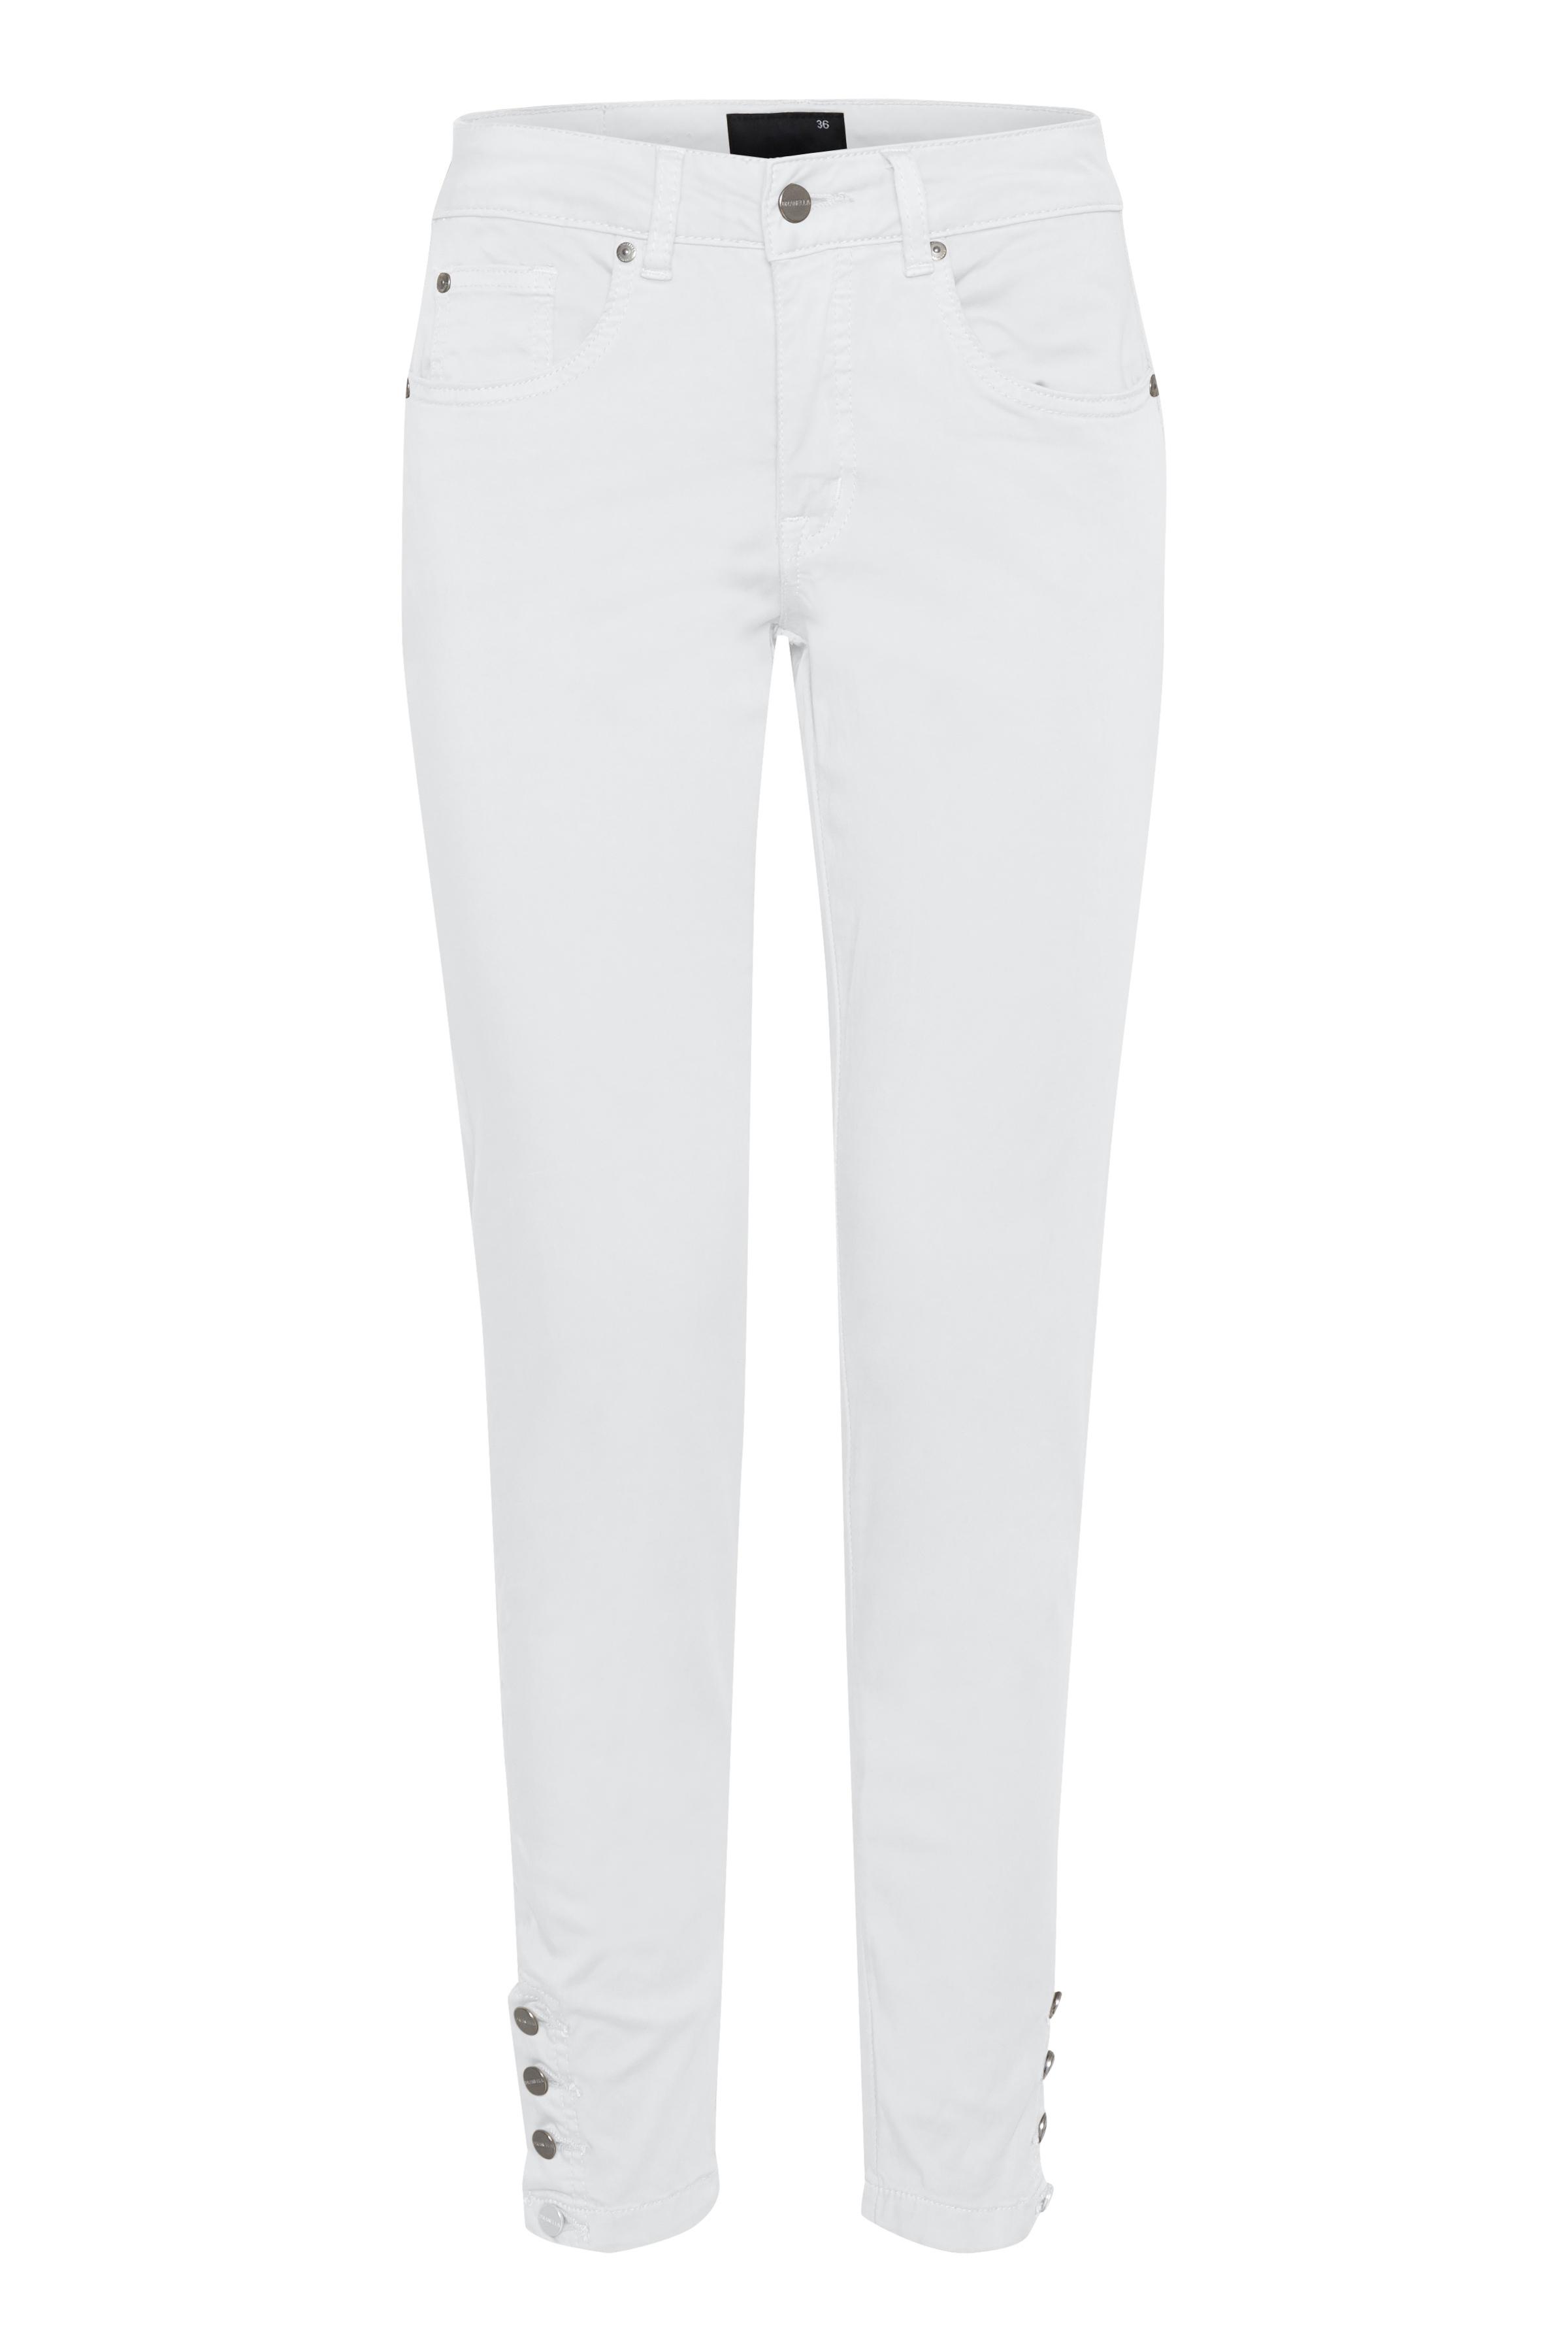 Image of Dranella Dame 5-lommet bløde bukser med stretch - Hvid